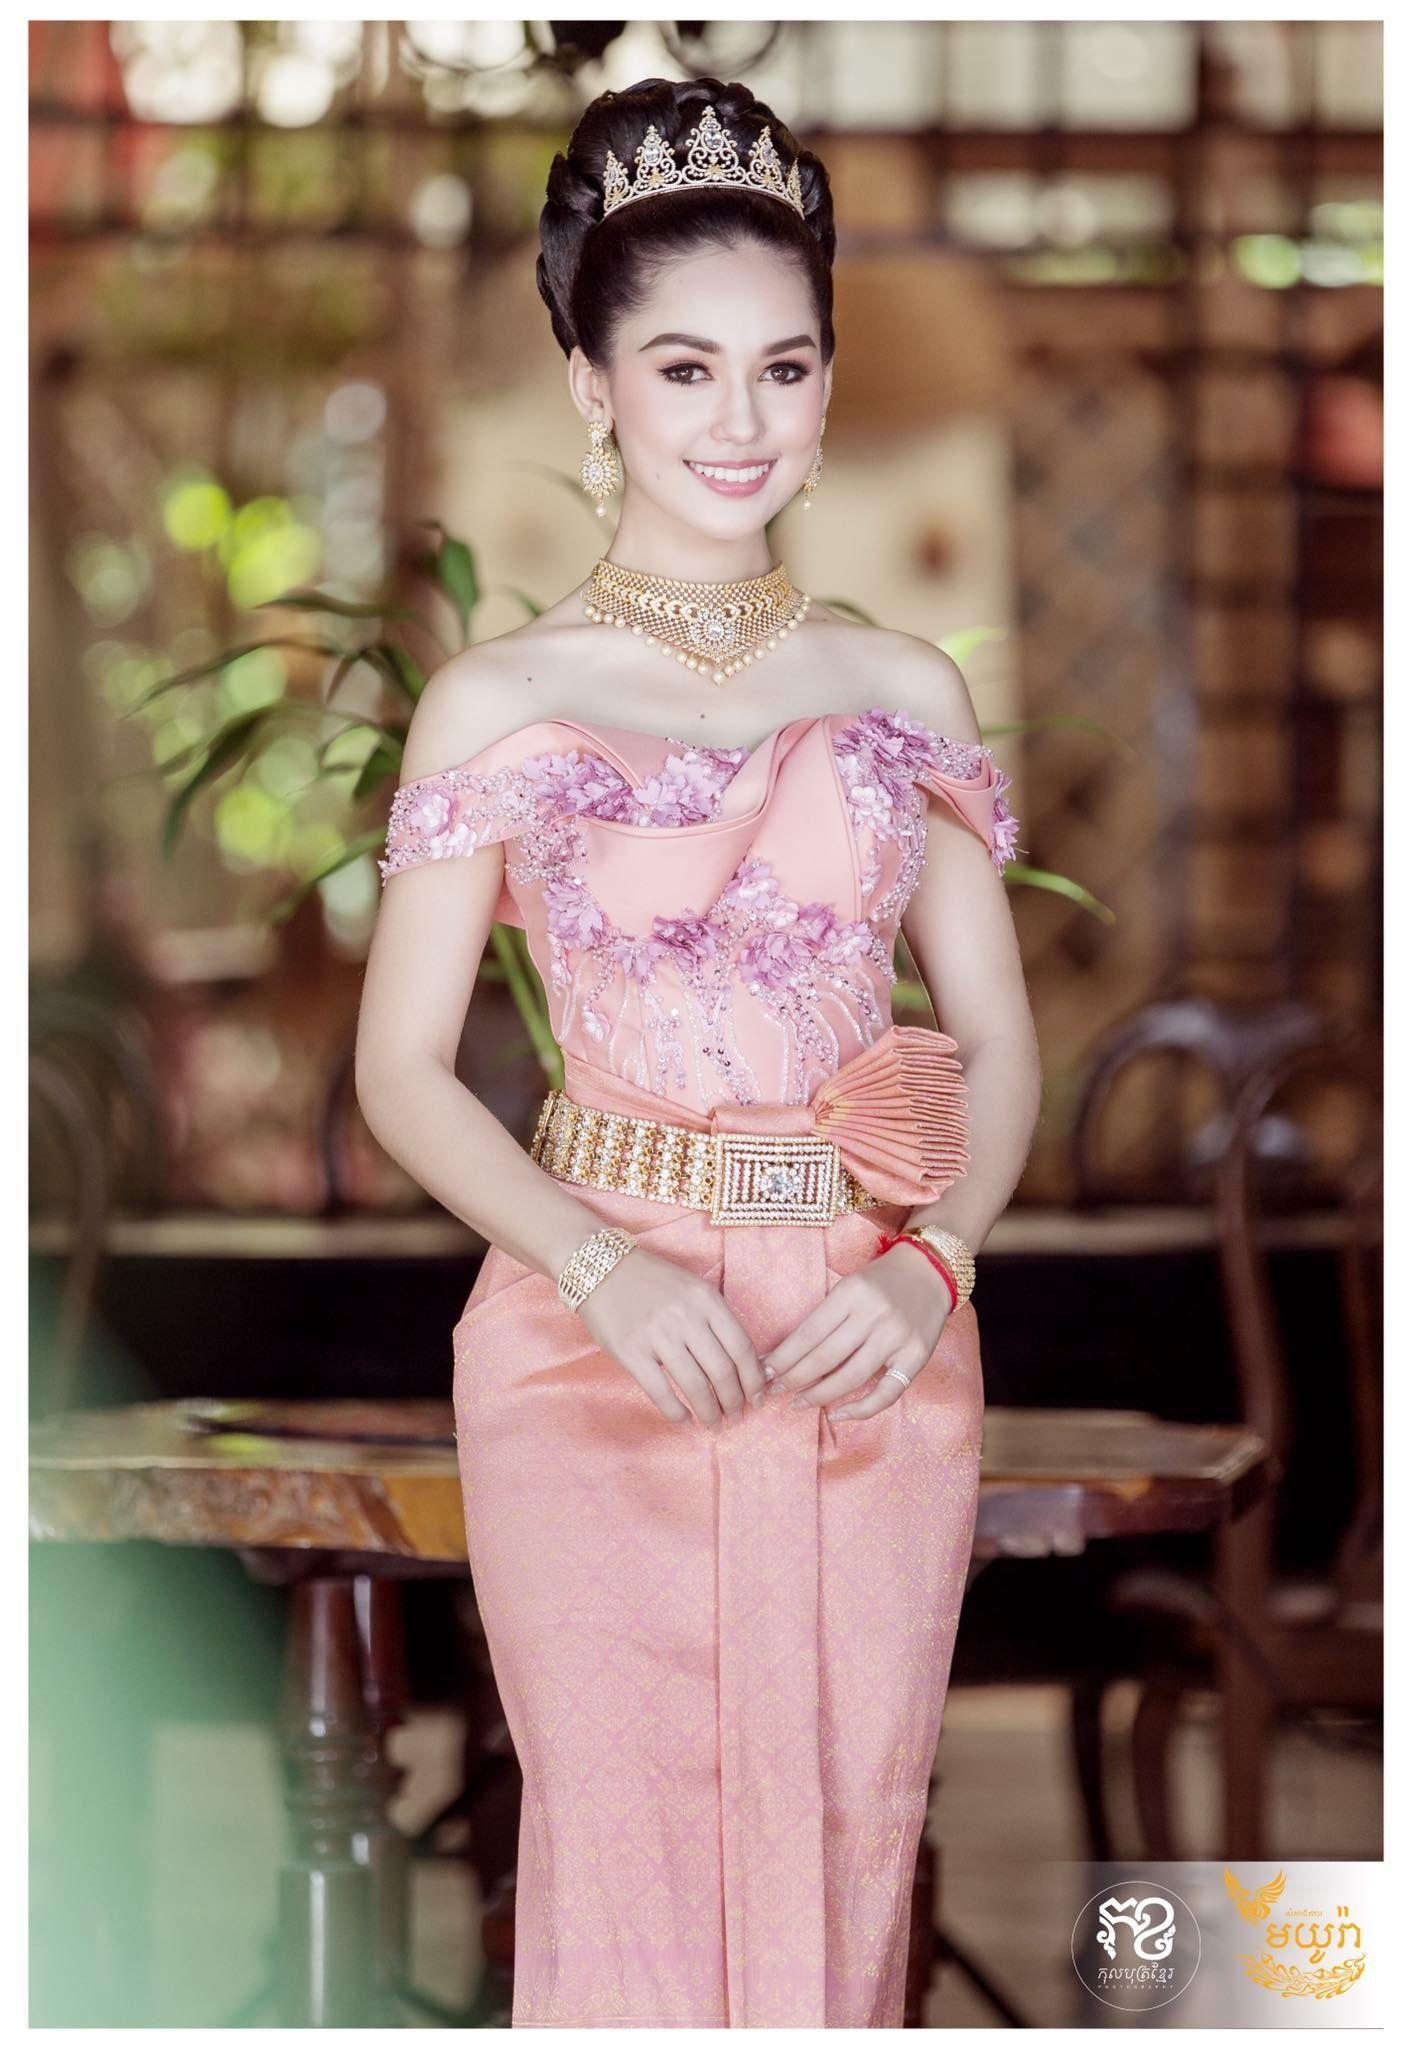 Único Vestido De Novia Khmer Composición - Ideas de Vestidos de Boda ...